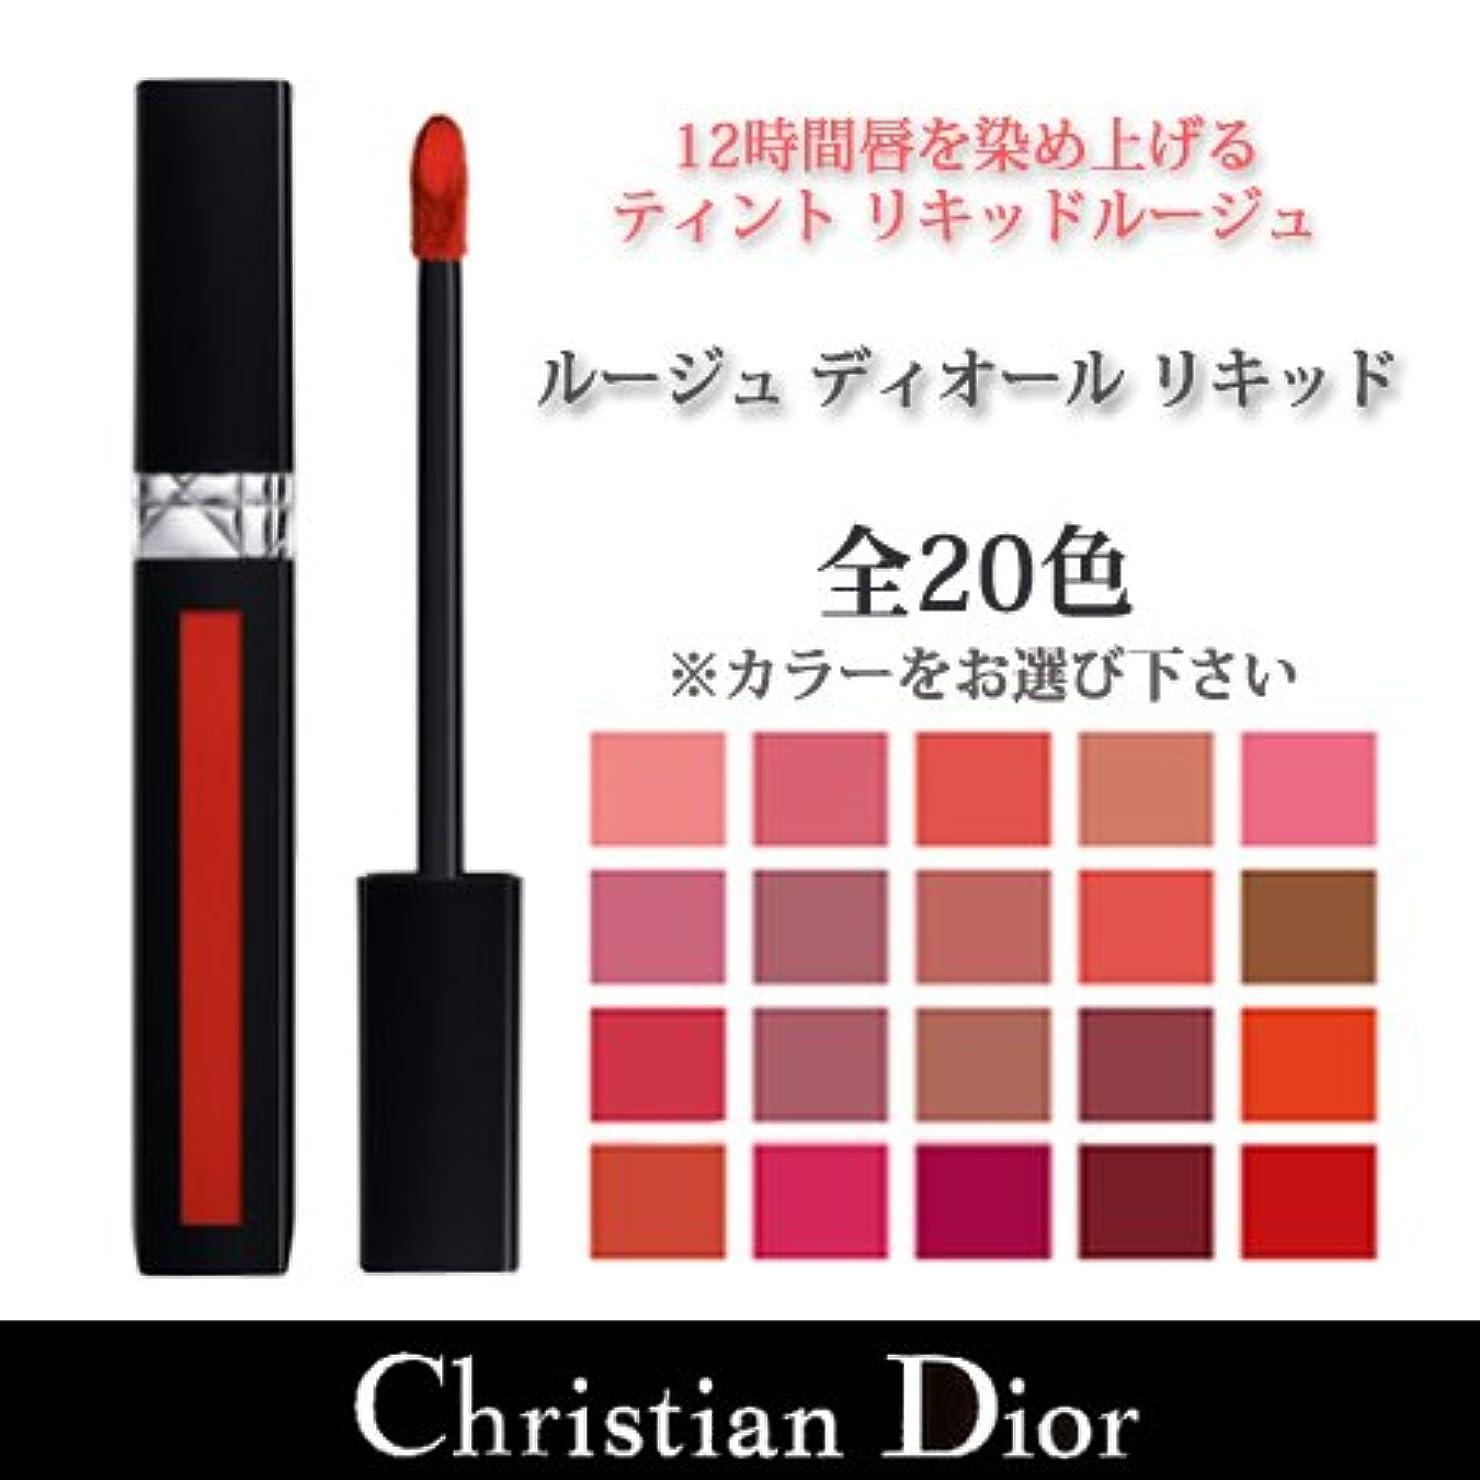 均等に見通し現実的ディオール ルージュ ディオール リキッド 全20色 -Dior- 272